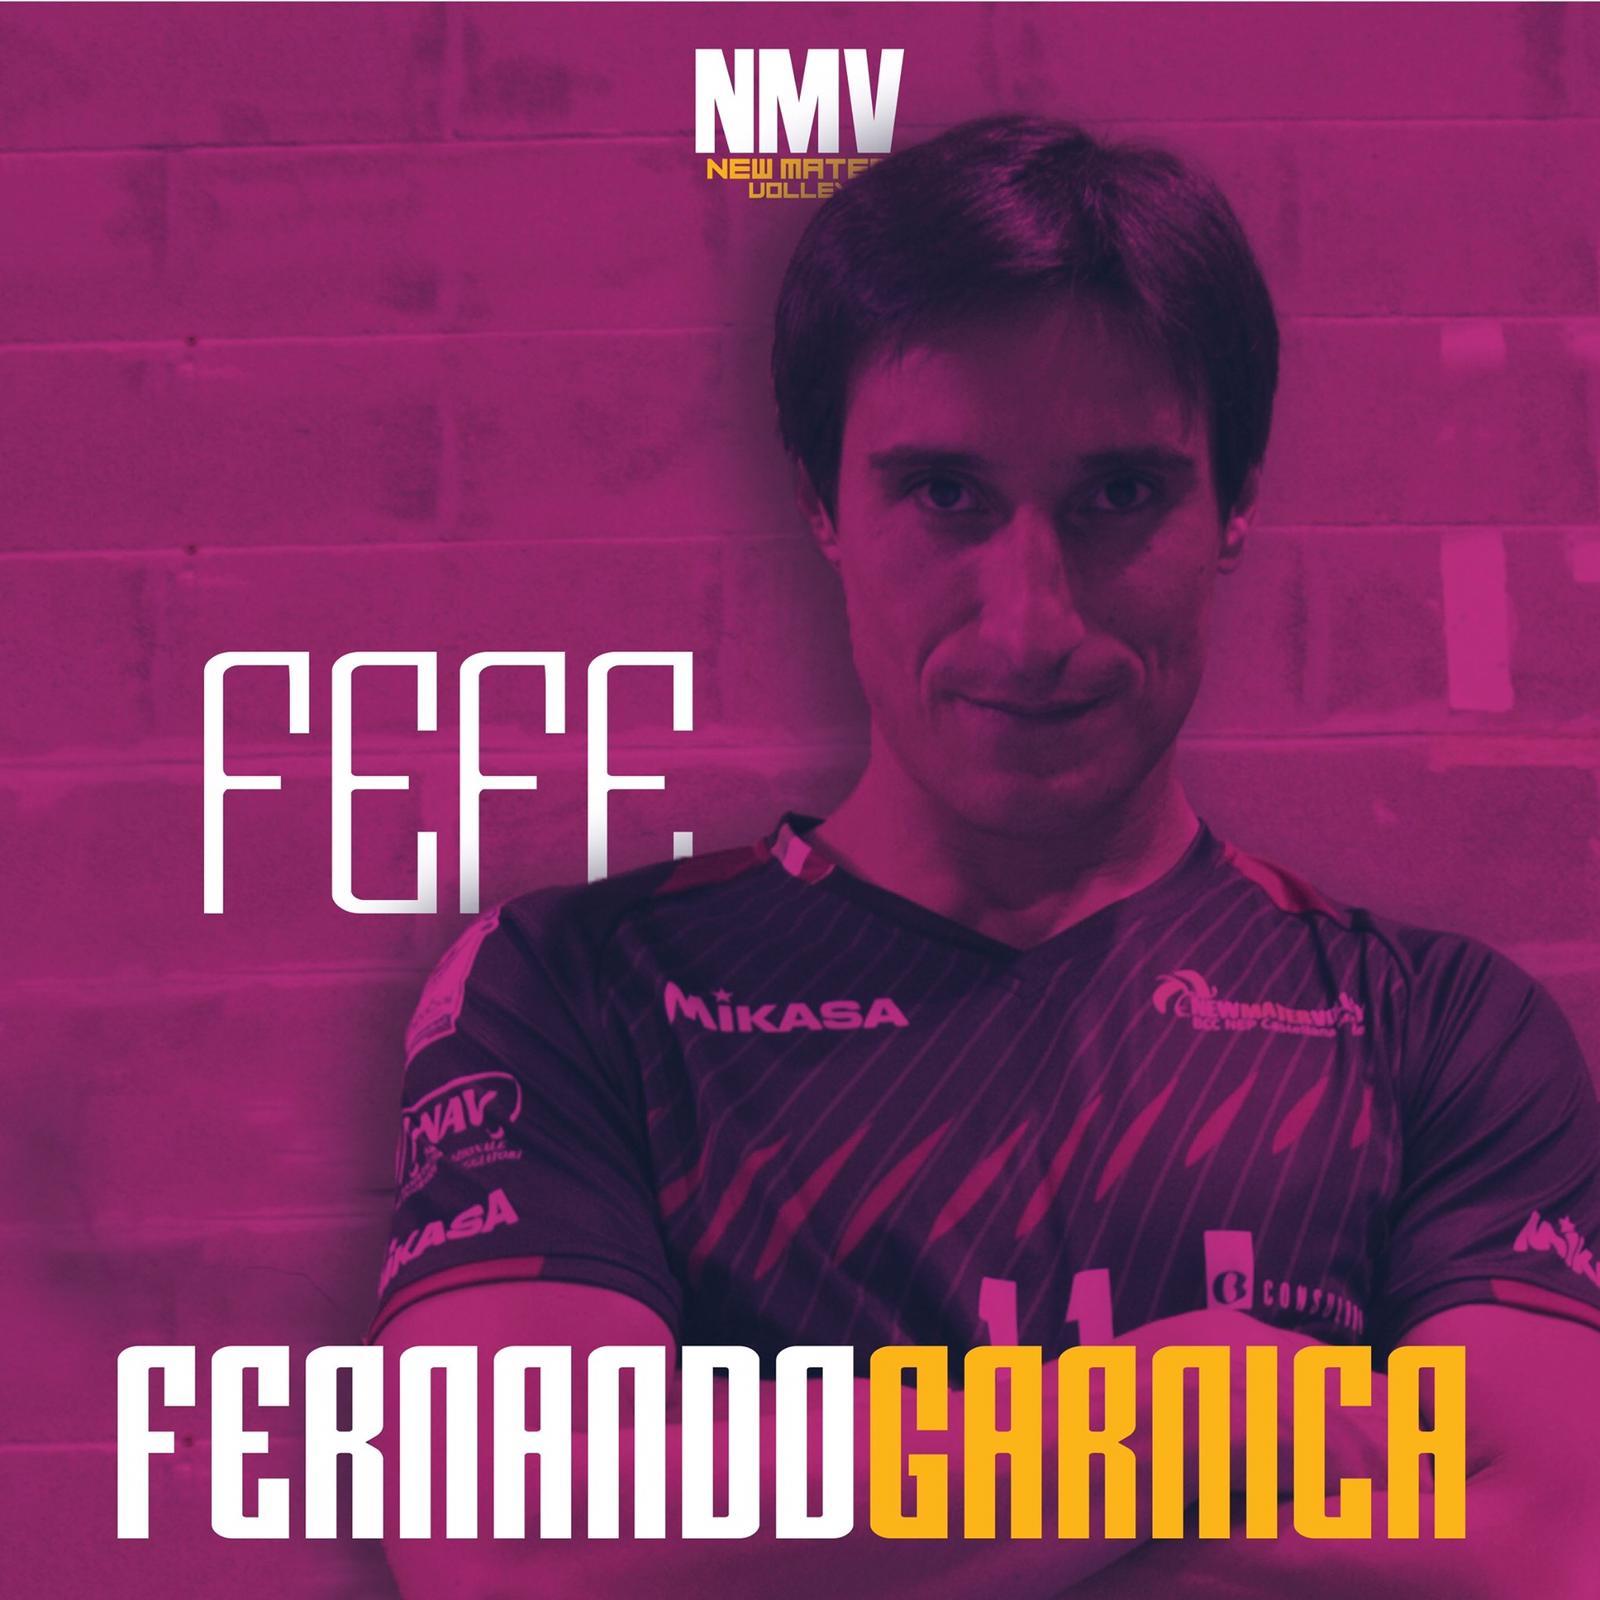 Fernando Gabriel Garnica - Fernando Gabriel Garnica